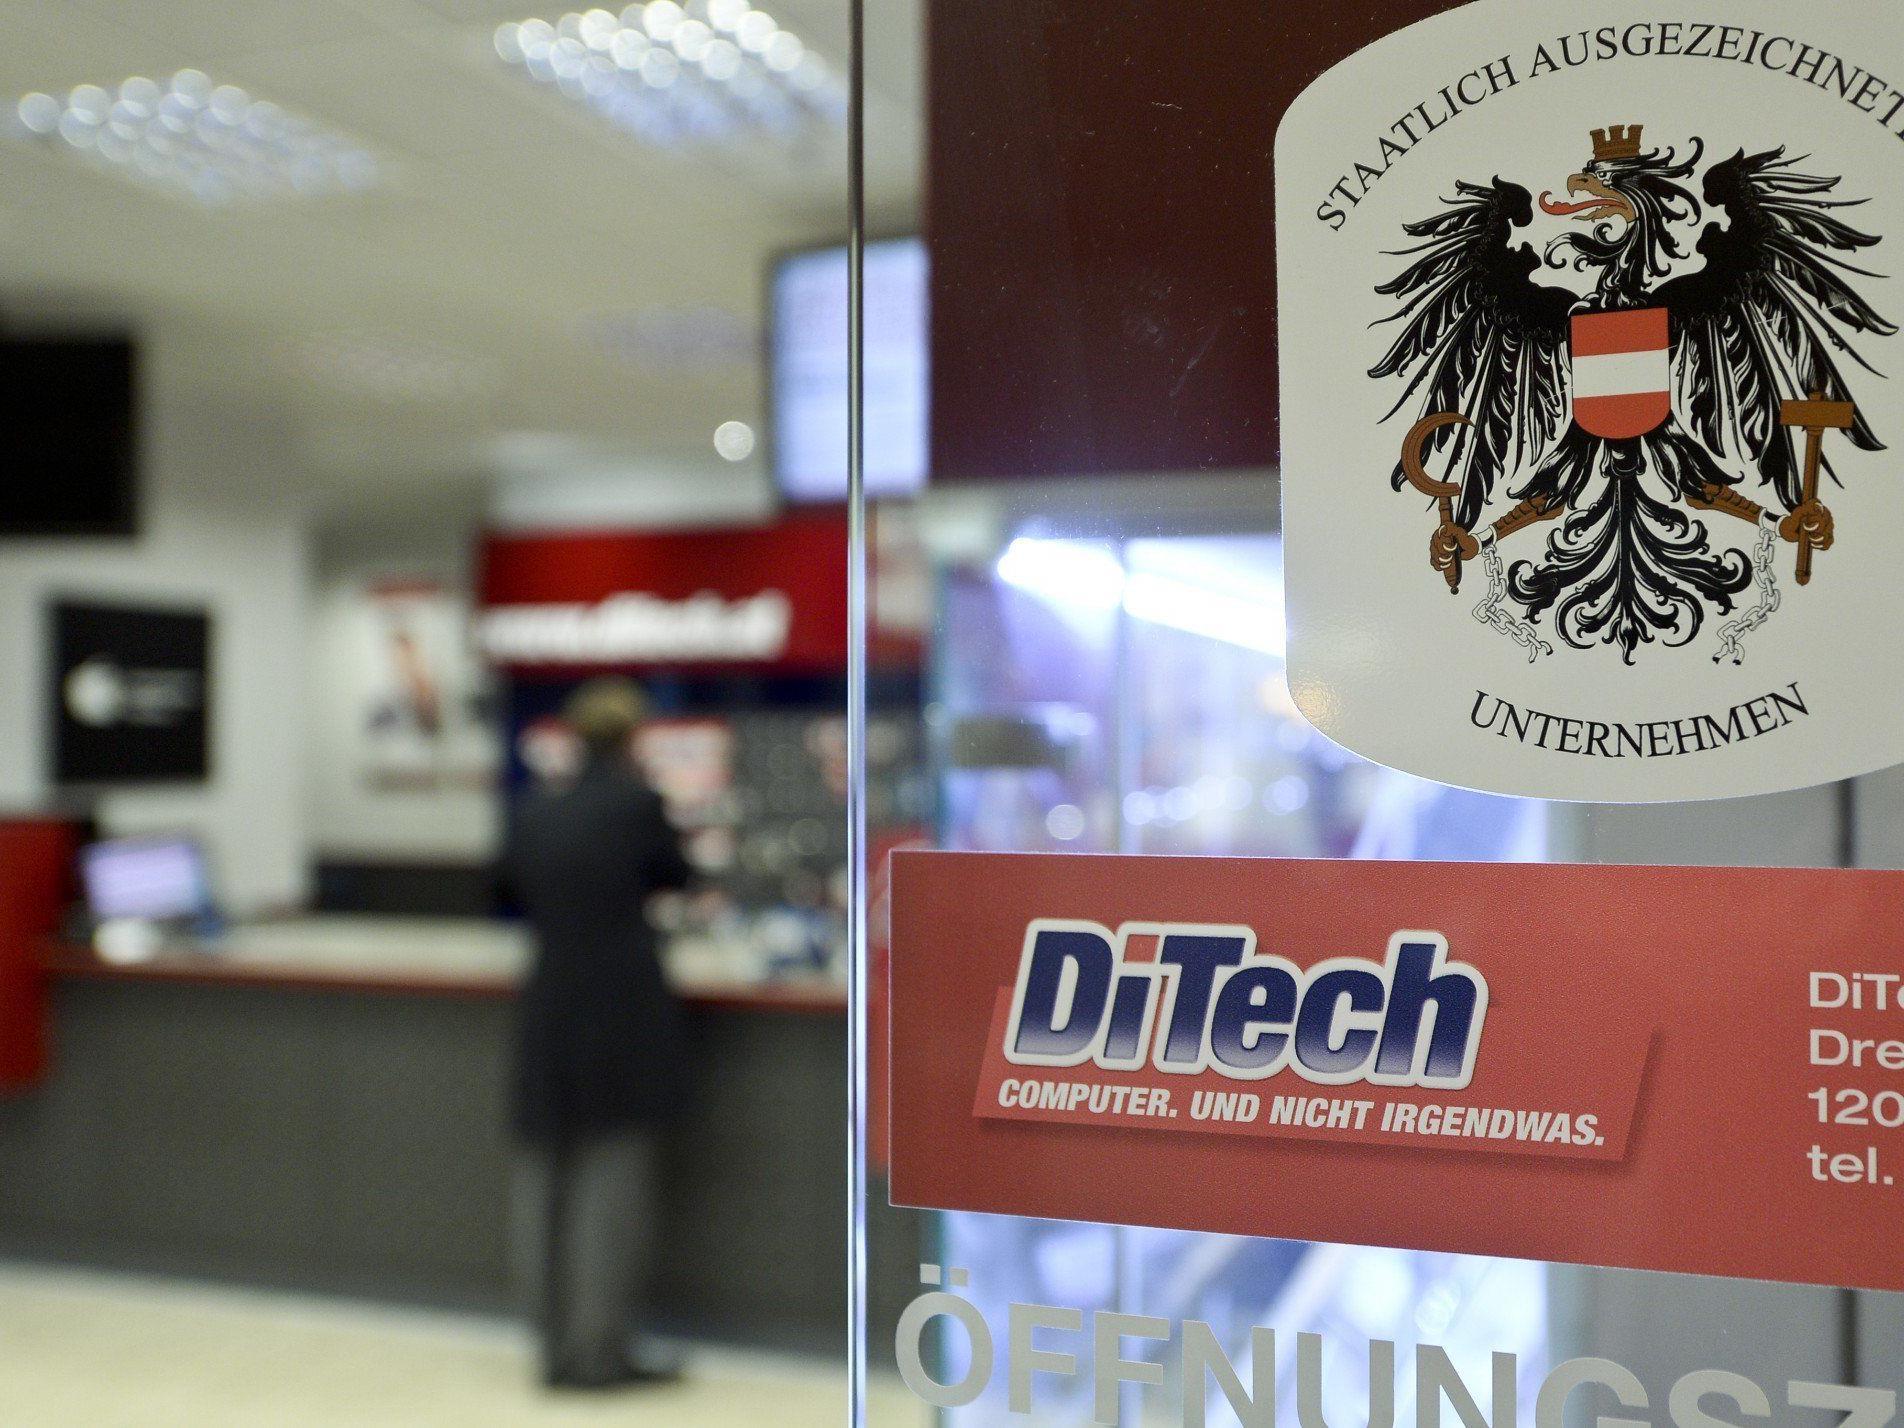 DiTech-Insolvenz nun eröffnet - 92 von 254 Beschäftigte müssen gehen